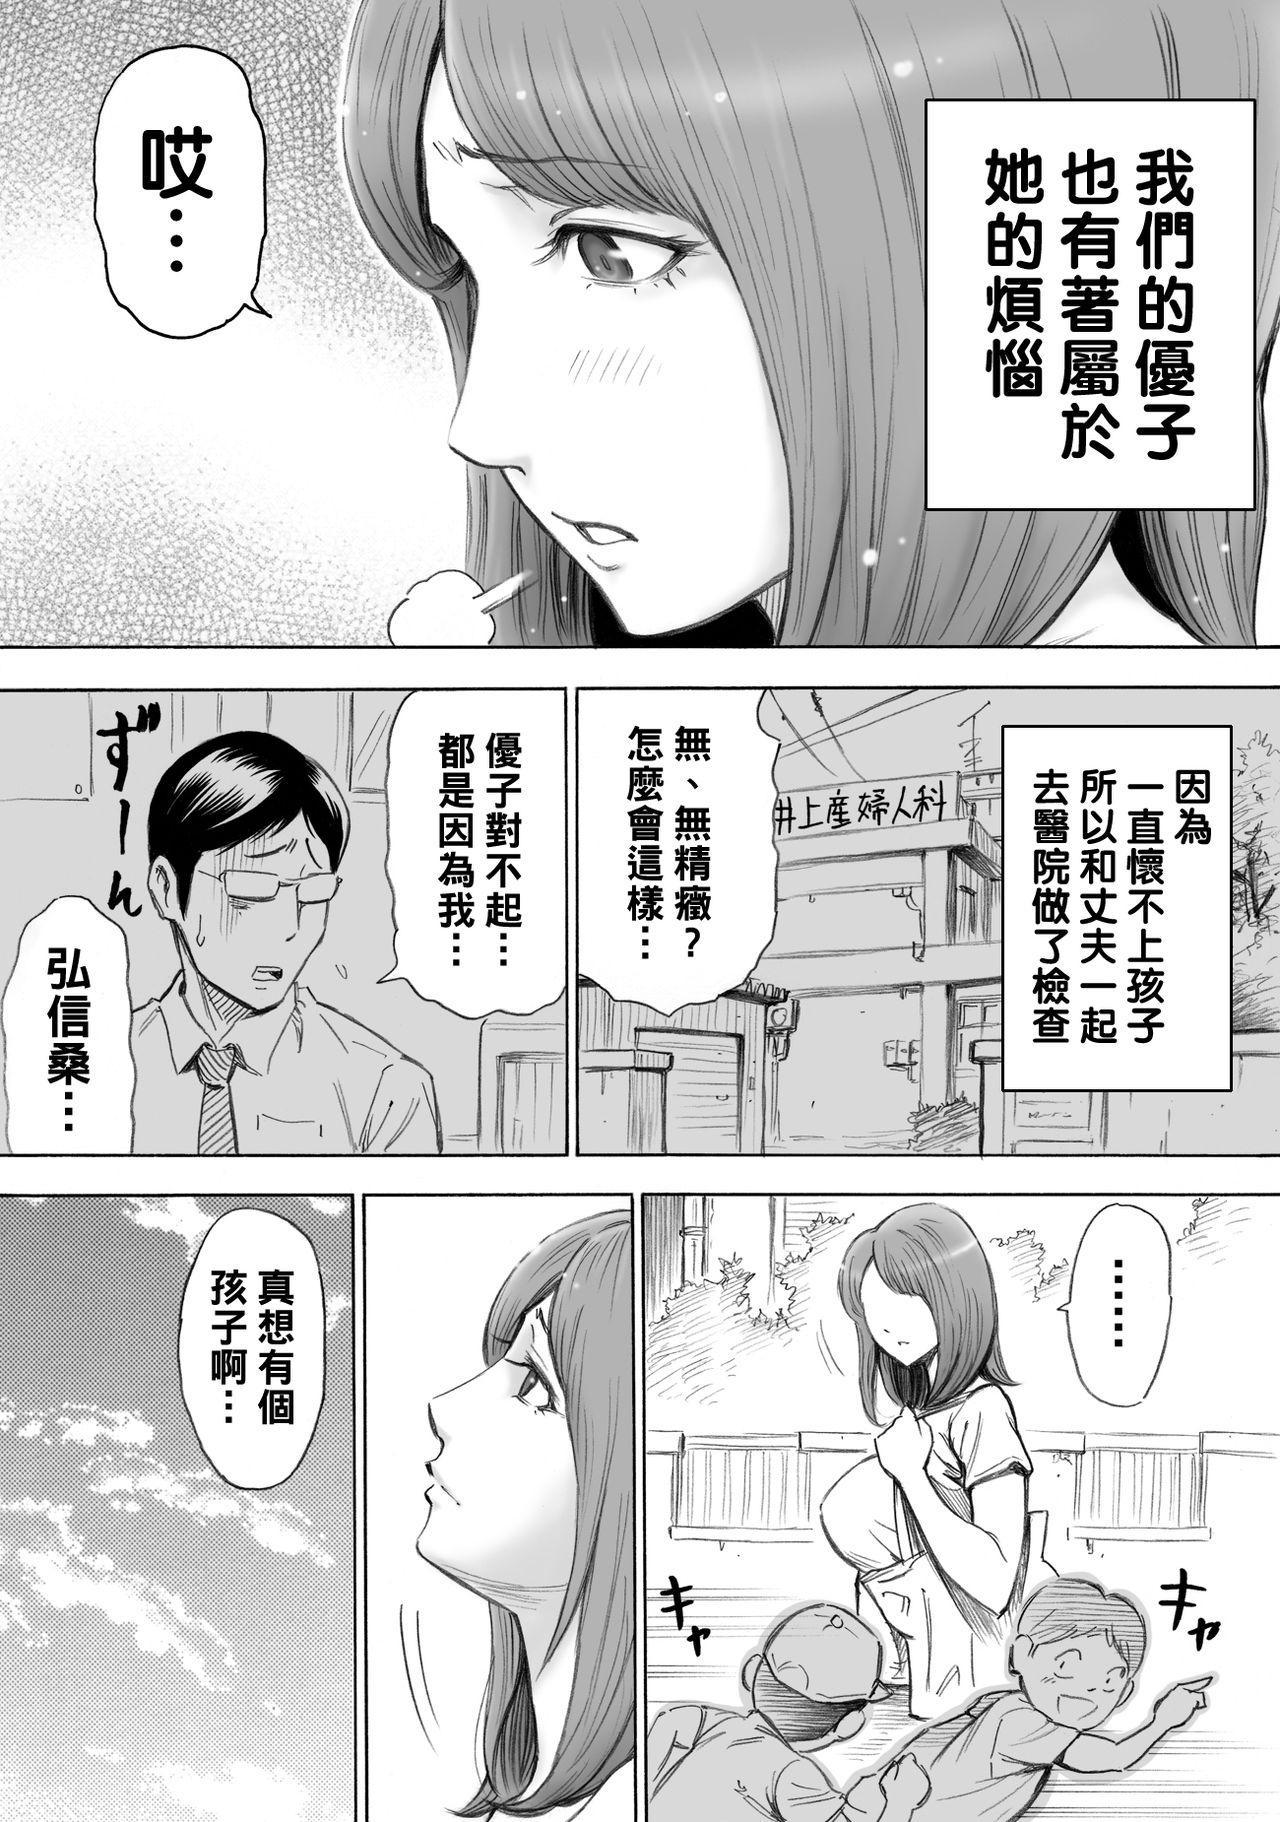 Aka-chan ga Hoshii Hitozuma o Chounai Minna de Haramaseyou 3